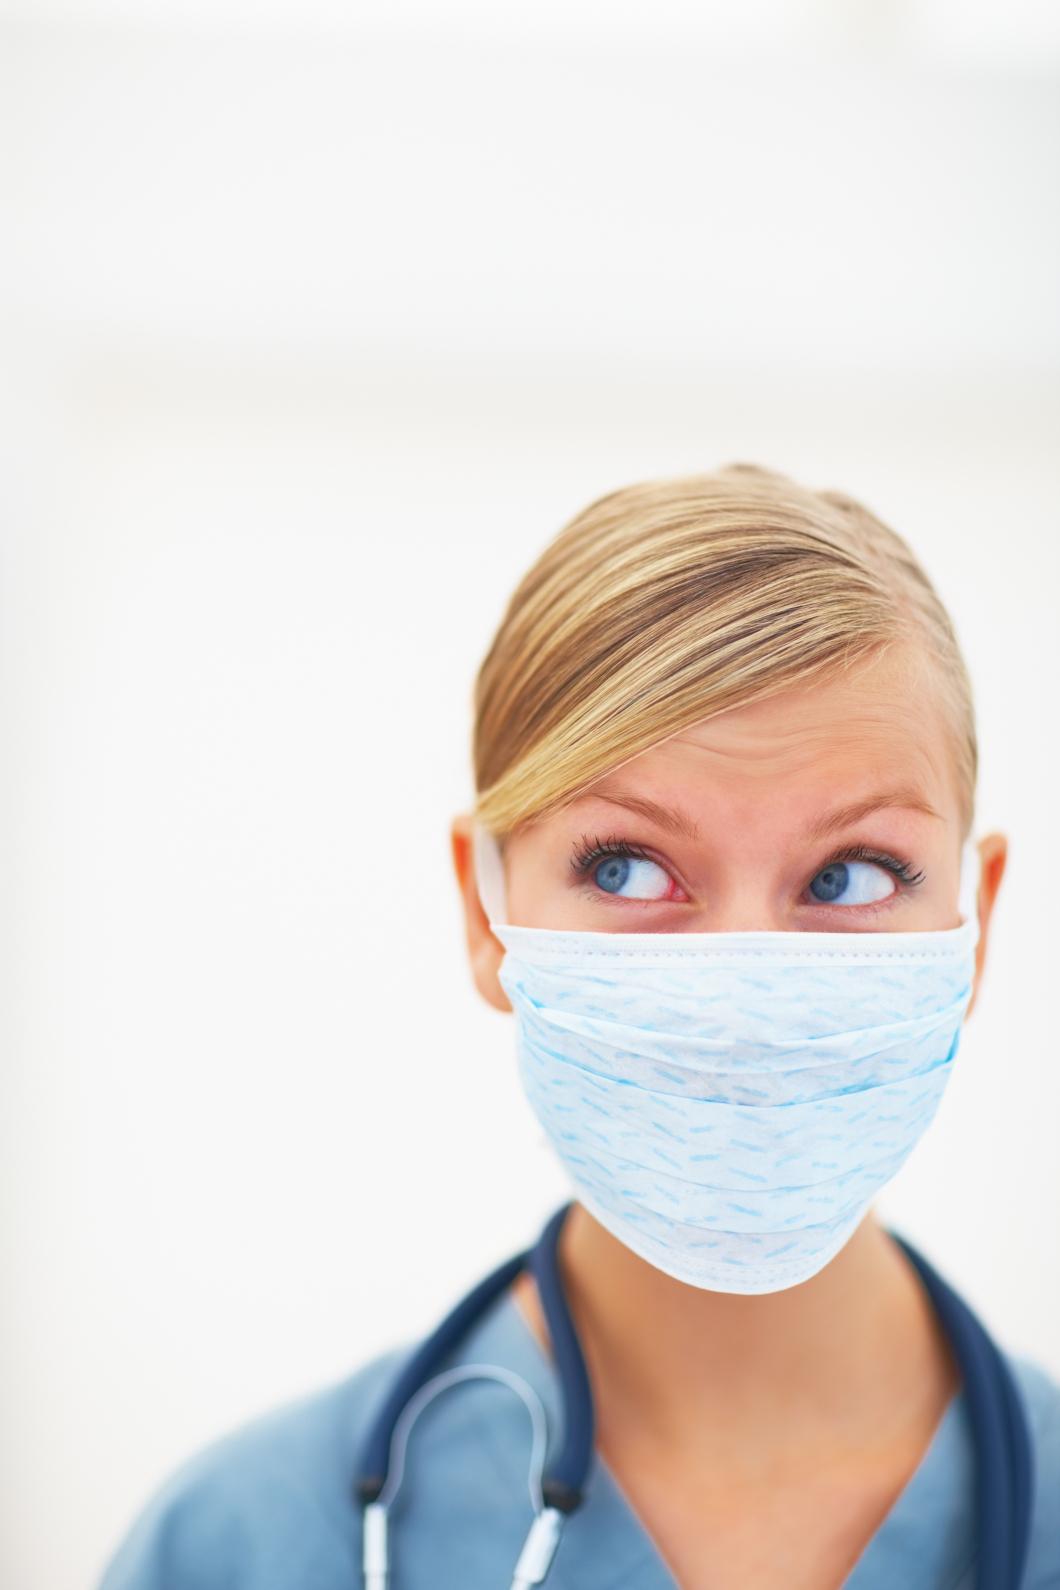 Mycket som försvårar sjuksköterskors specialistutbildning